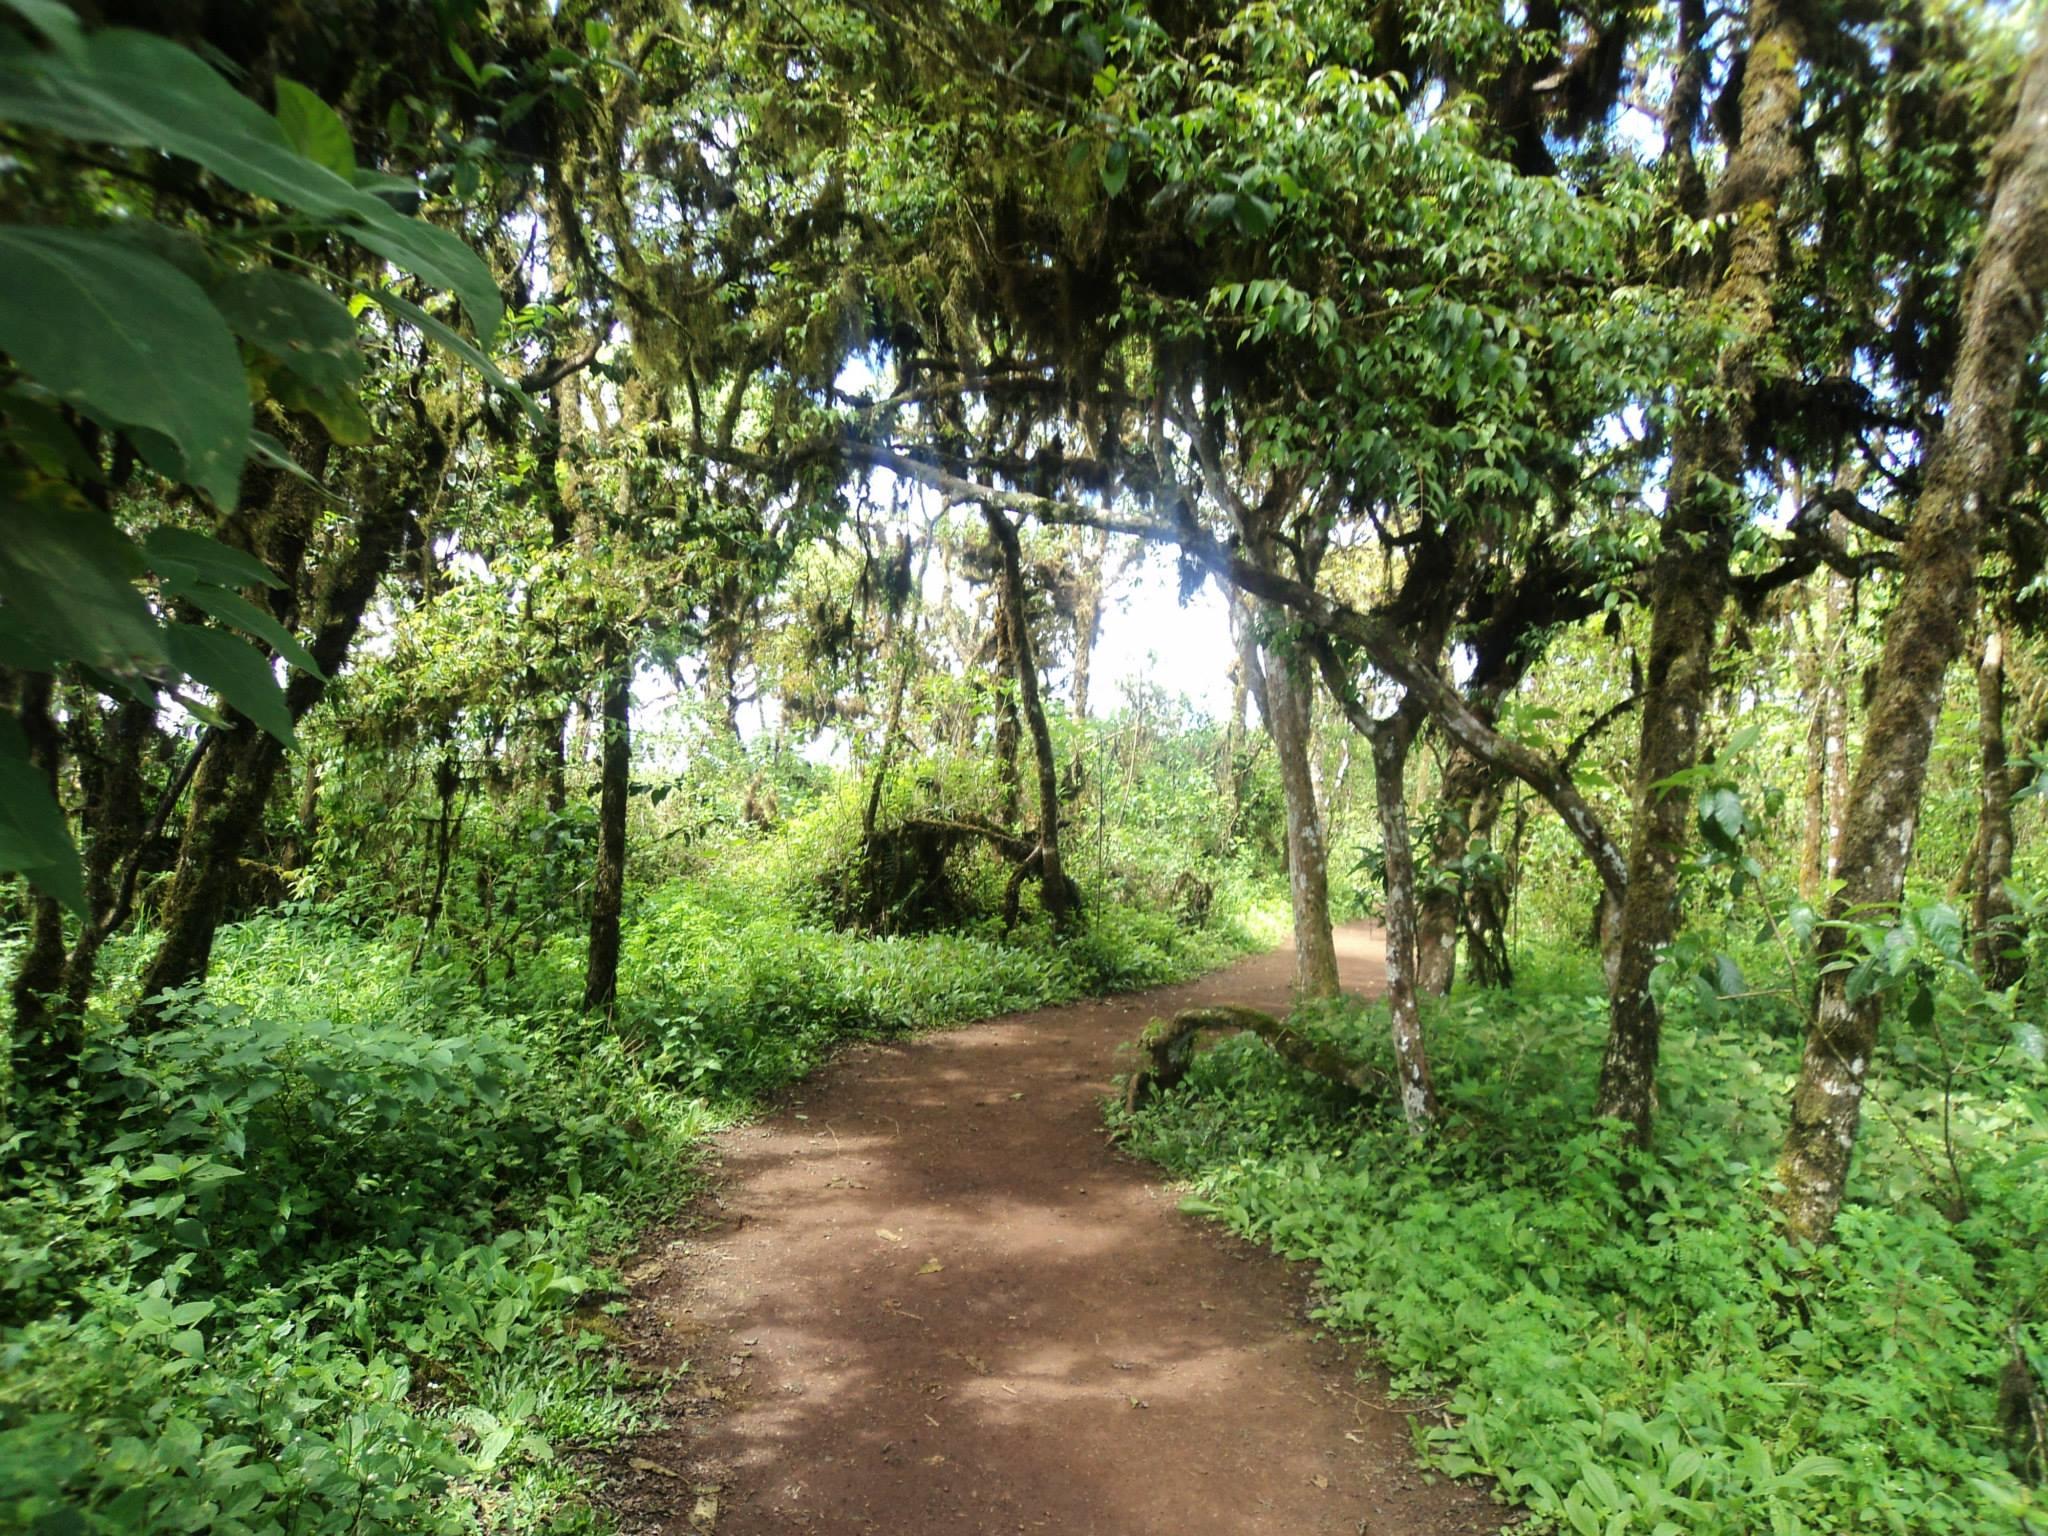 Agarrá en bici el camino al Muro de las Lagrimas.. Seguí un poco más, segui los senderos llenos de vegetación y vas a terminar en una playa divina